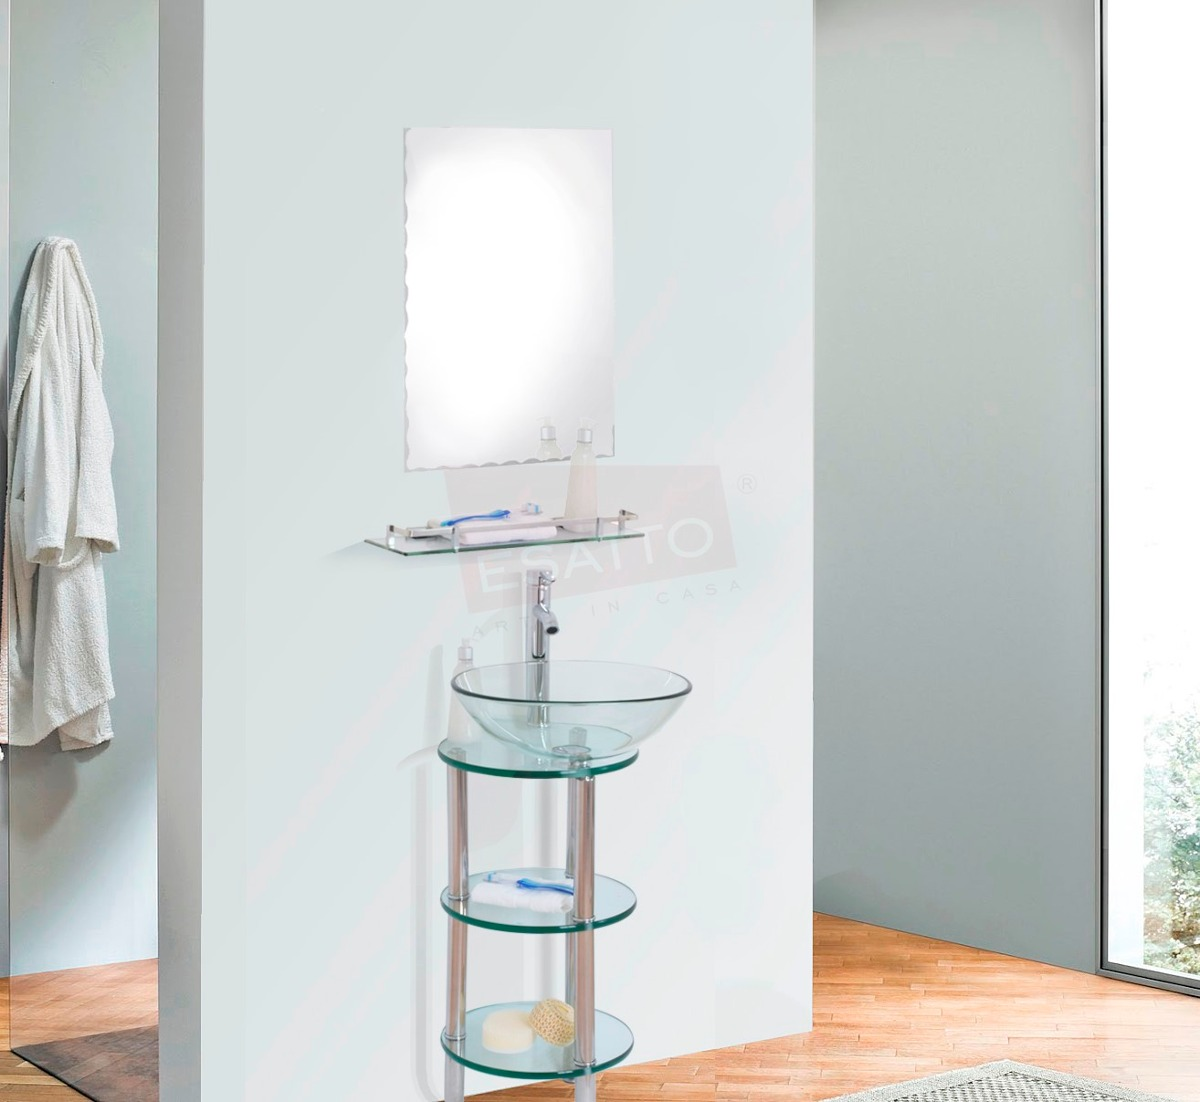 Esatto mueble ba o lavabo cristal espejo repisa mv 002 - Como colocar un espejo encima de un aparador ...